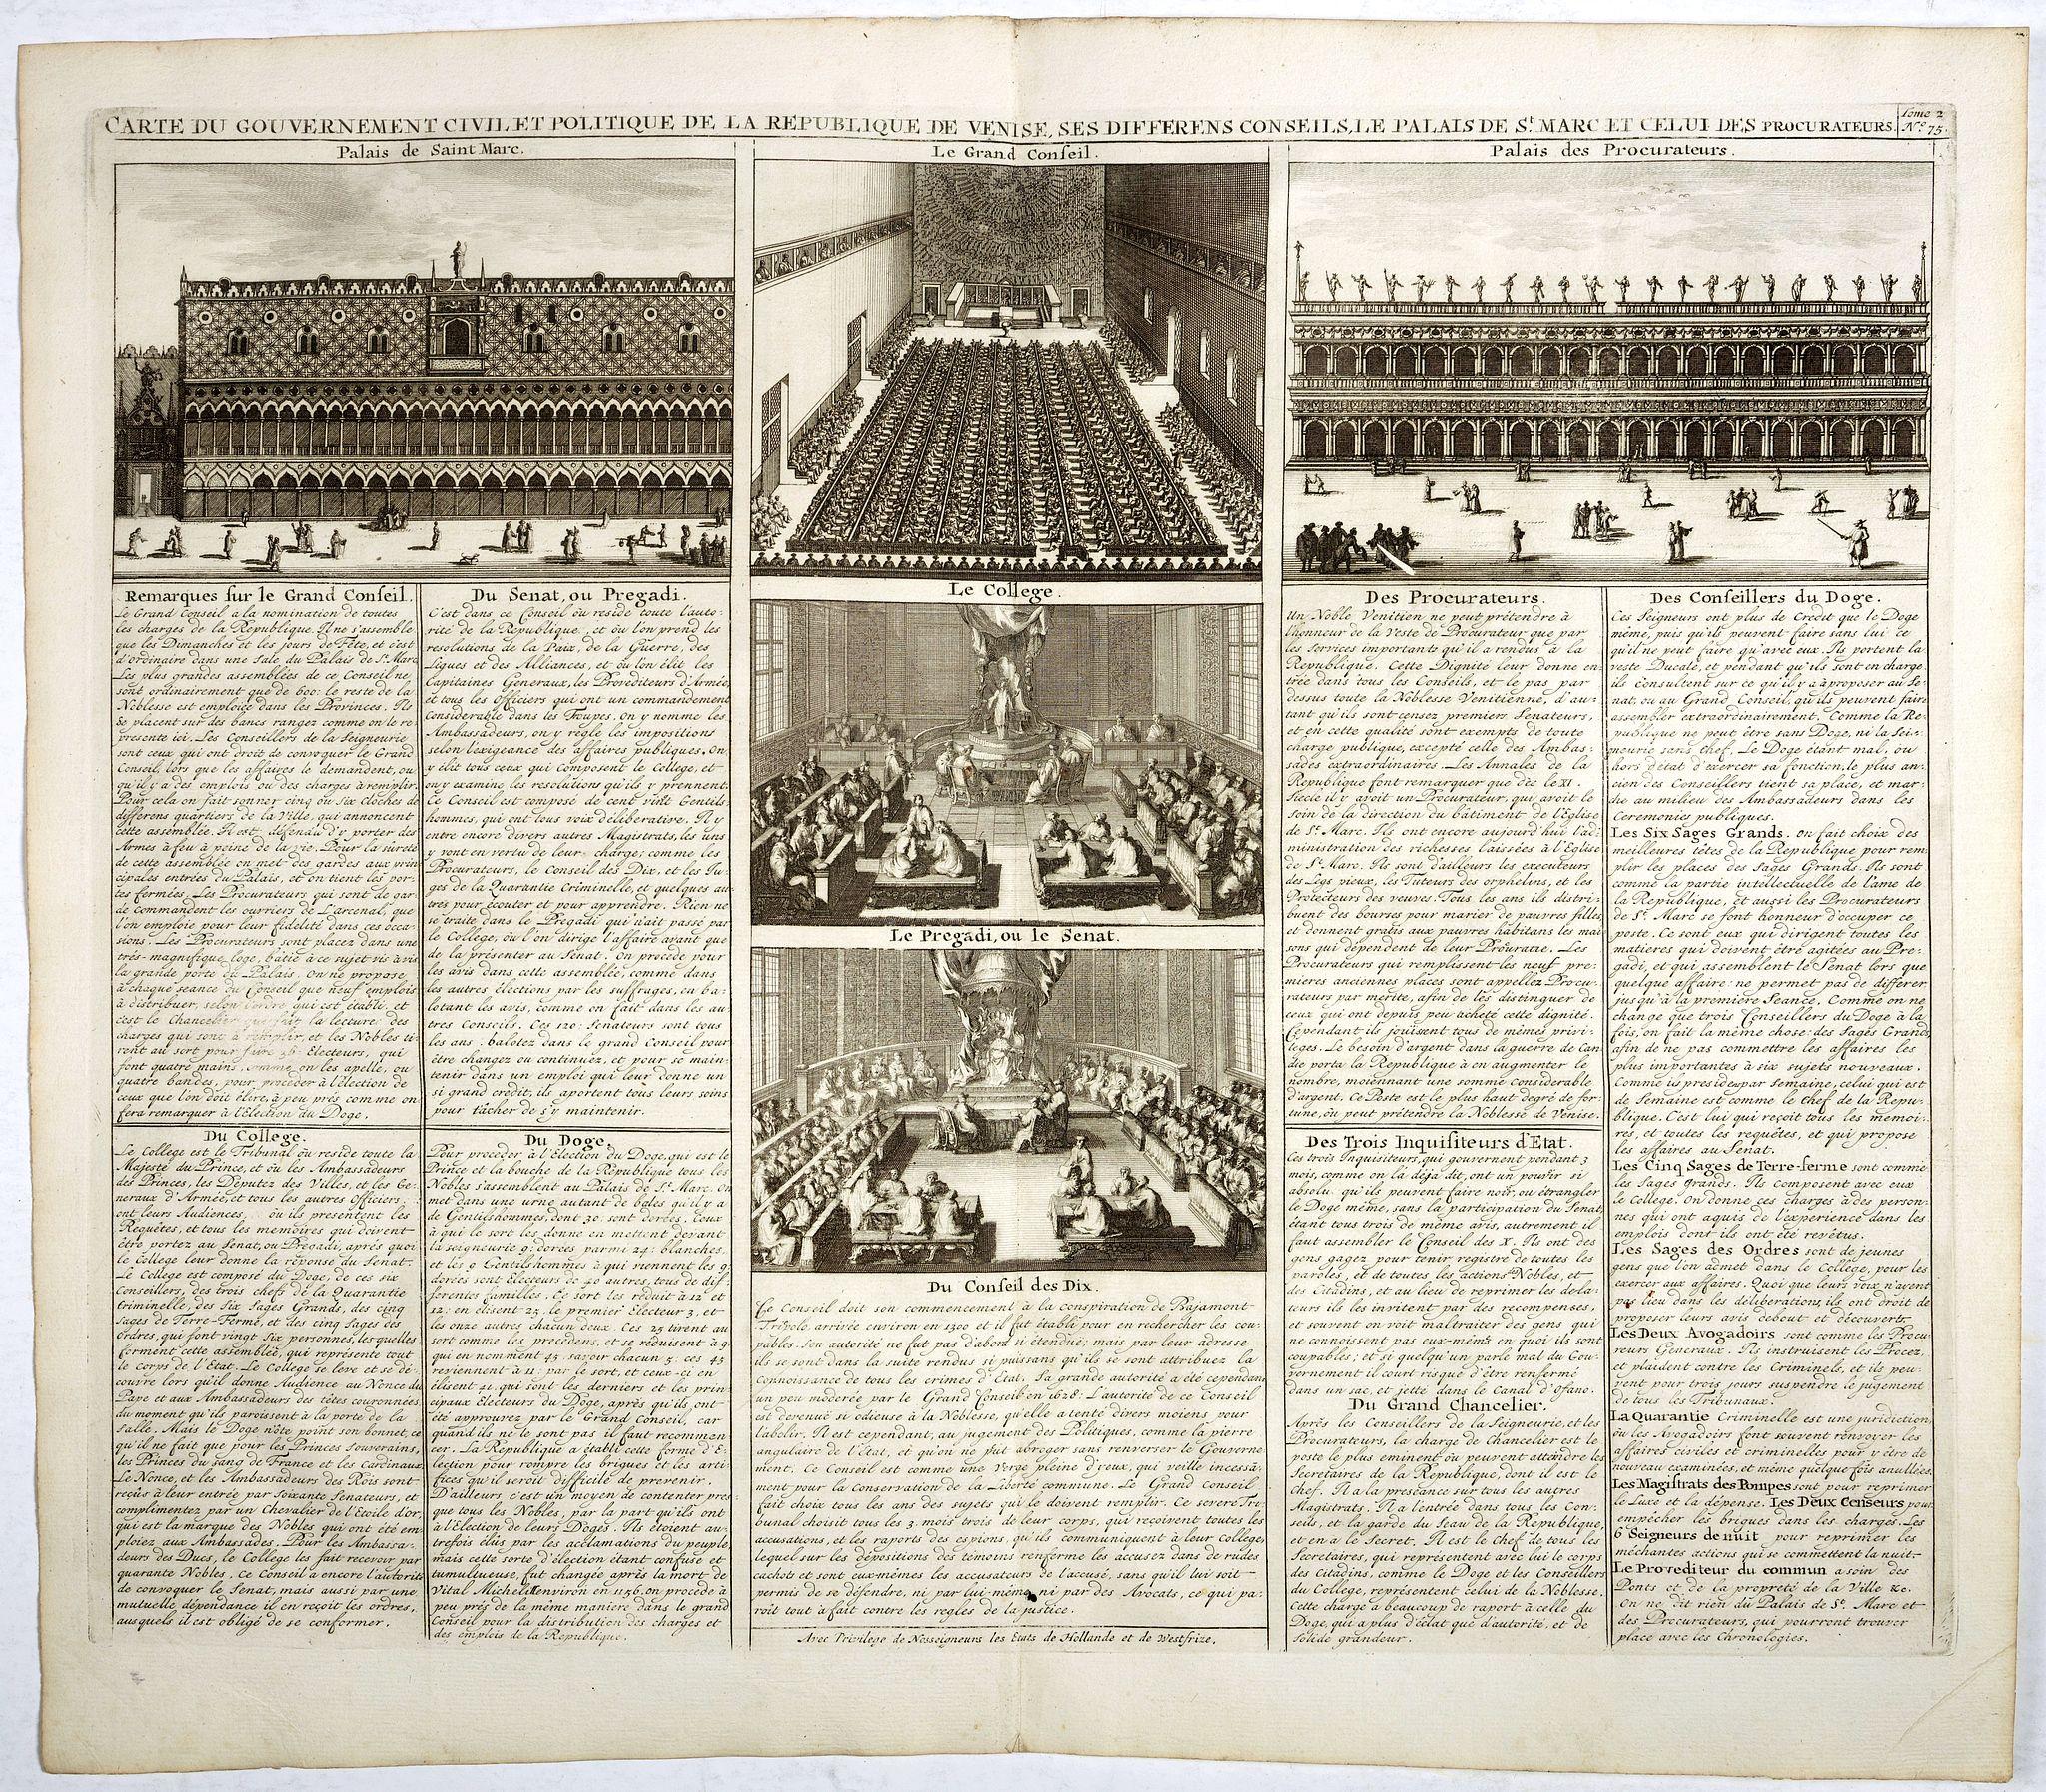 CHATELAIN, H. -  Carte du Gouvernement Civil et Politique de la République de Venise . . .